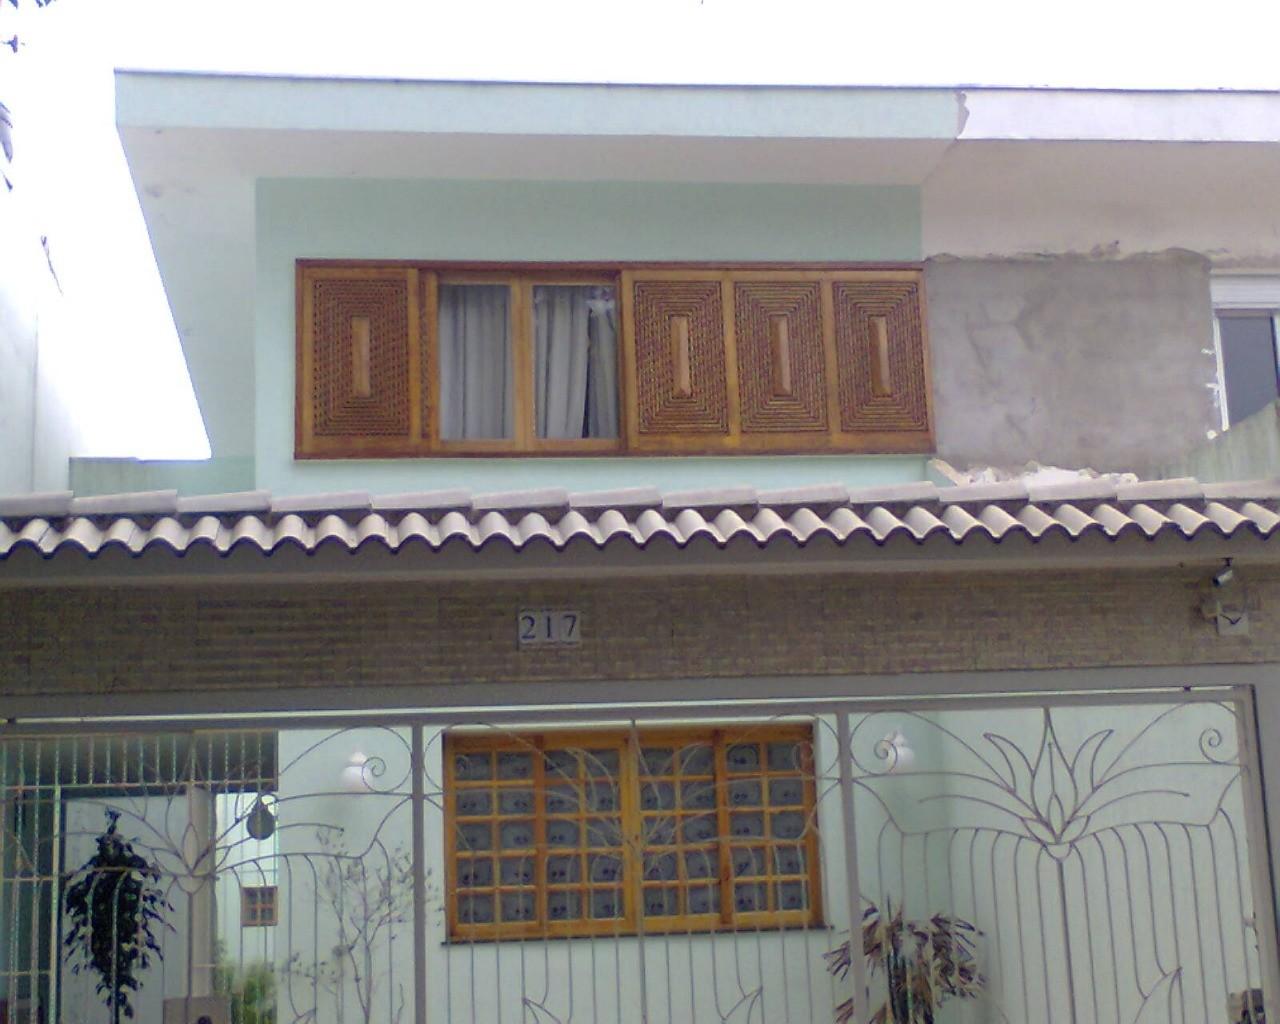 comprar ou alugar casa no bairro jardim belgica na cidade de sao paulo-sp